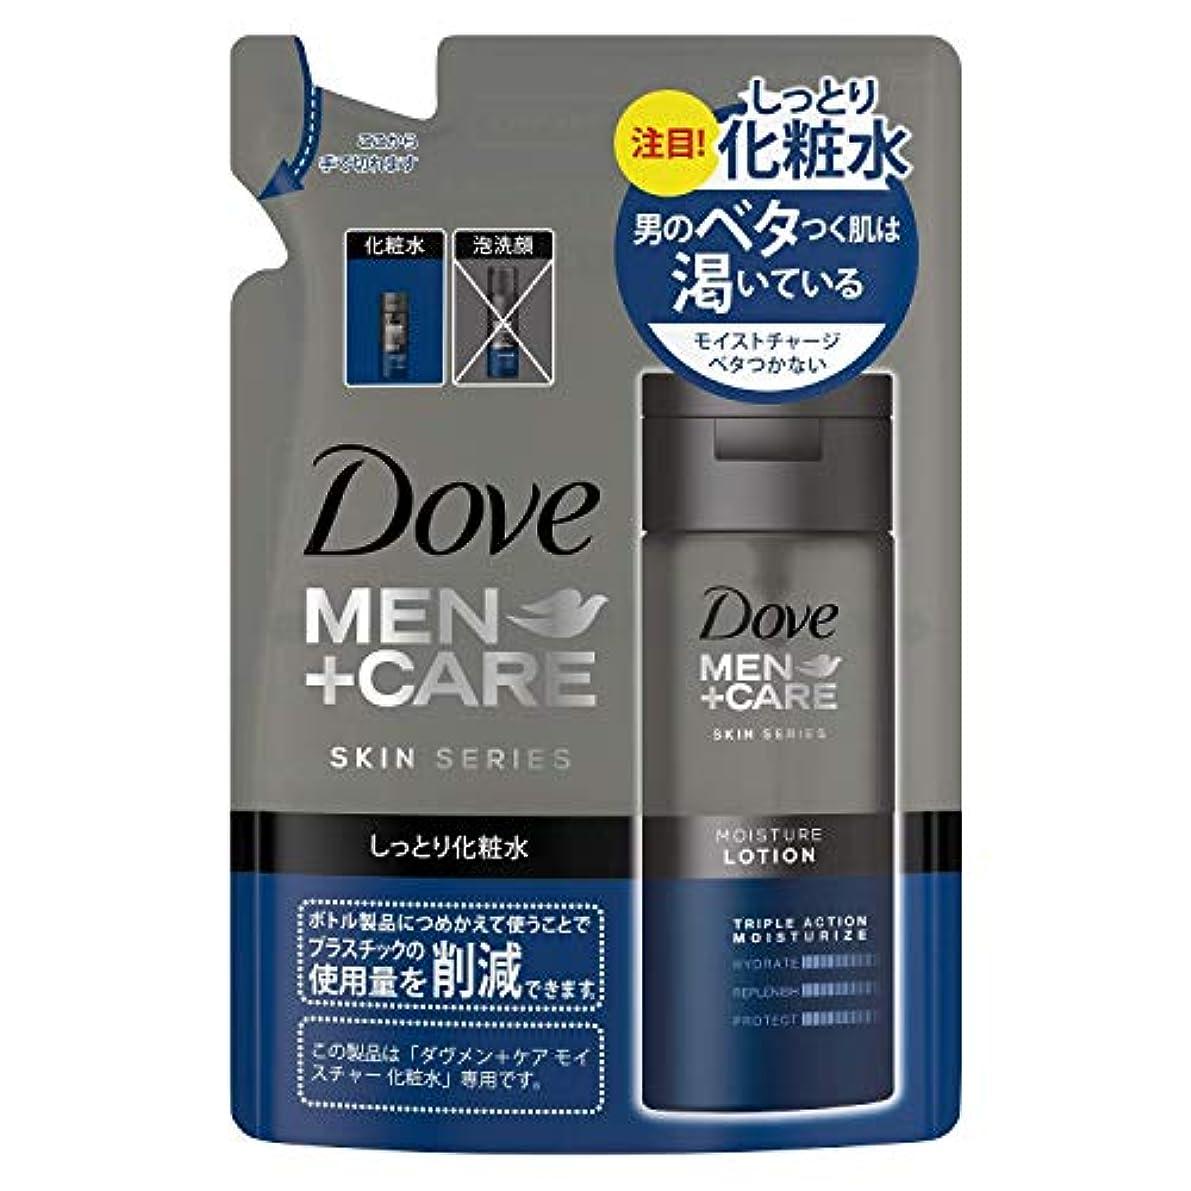 ボイラー懐条件付きダヴメン+ケア モイスチャー 化粧水 つめかえ用130ml×3点